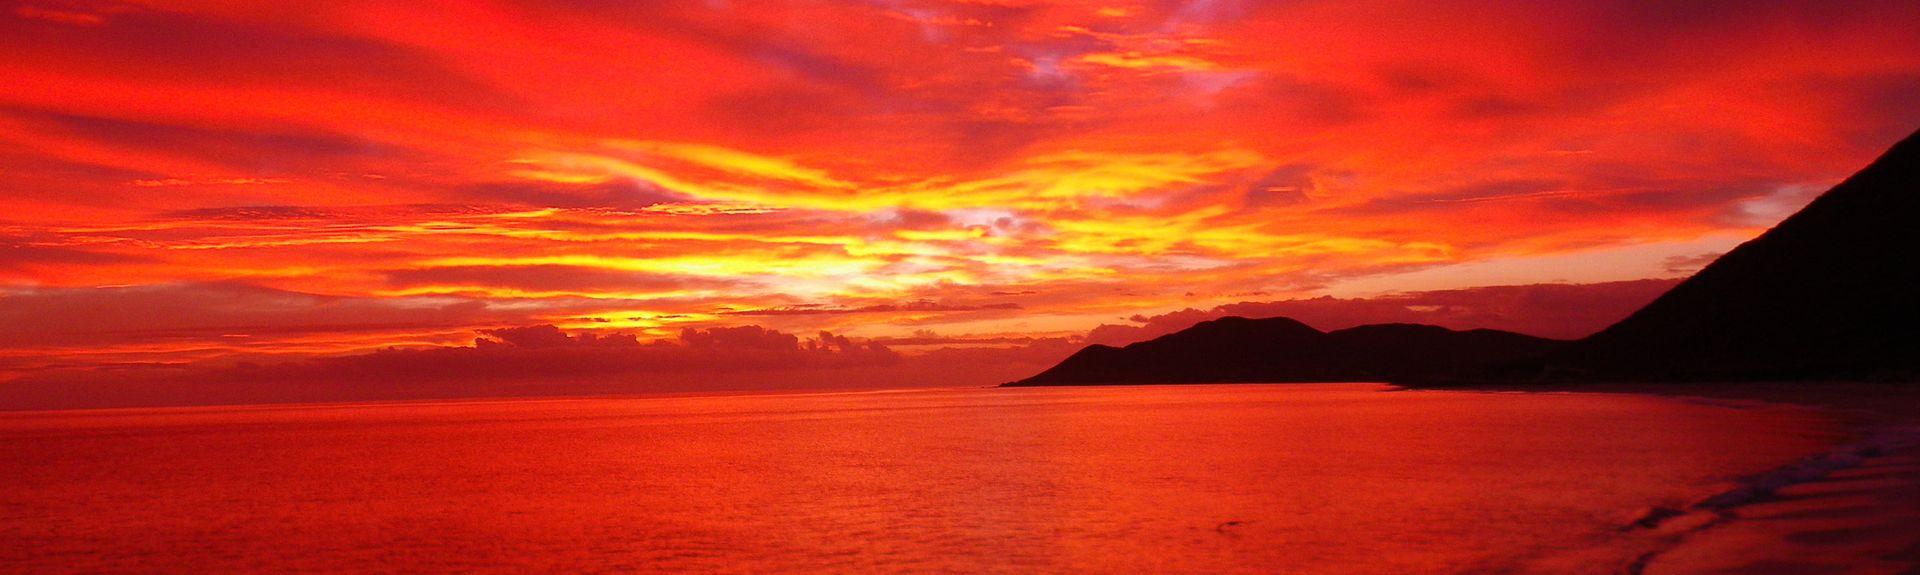 Playa La Ribera, La Ribera, Baja California Sur, México